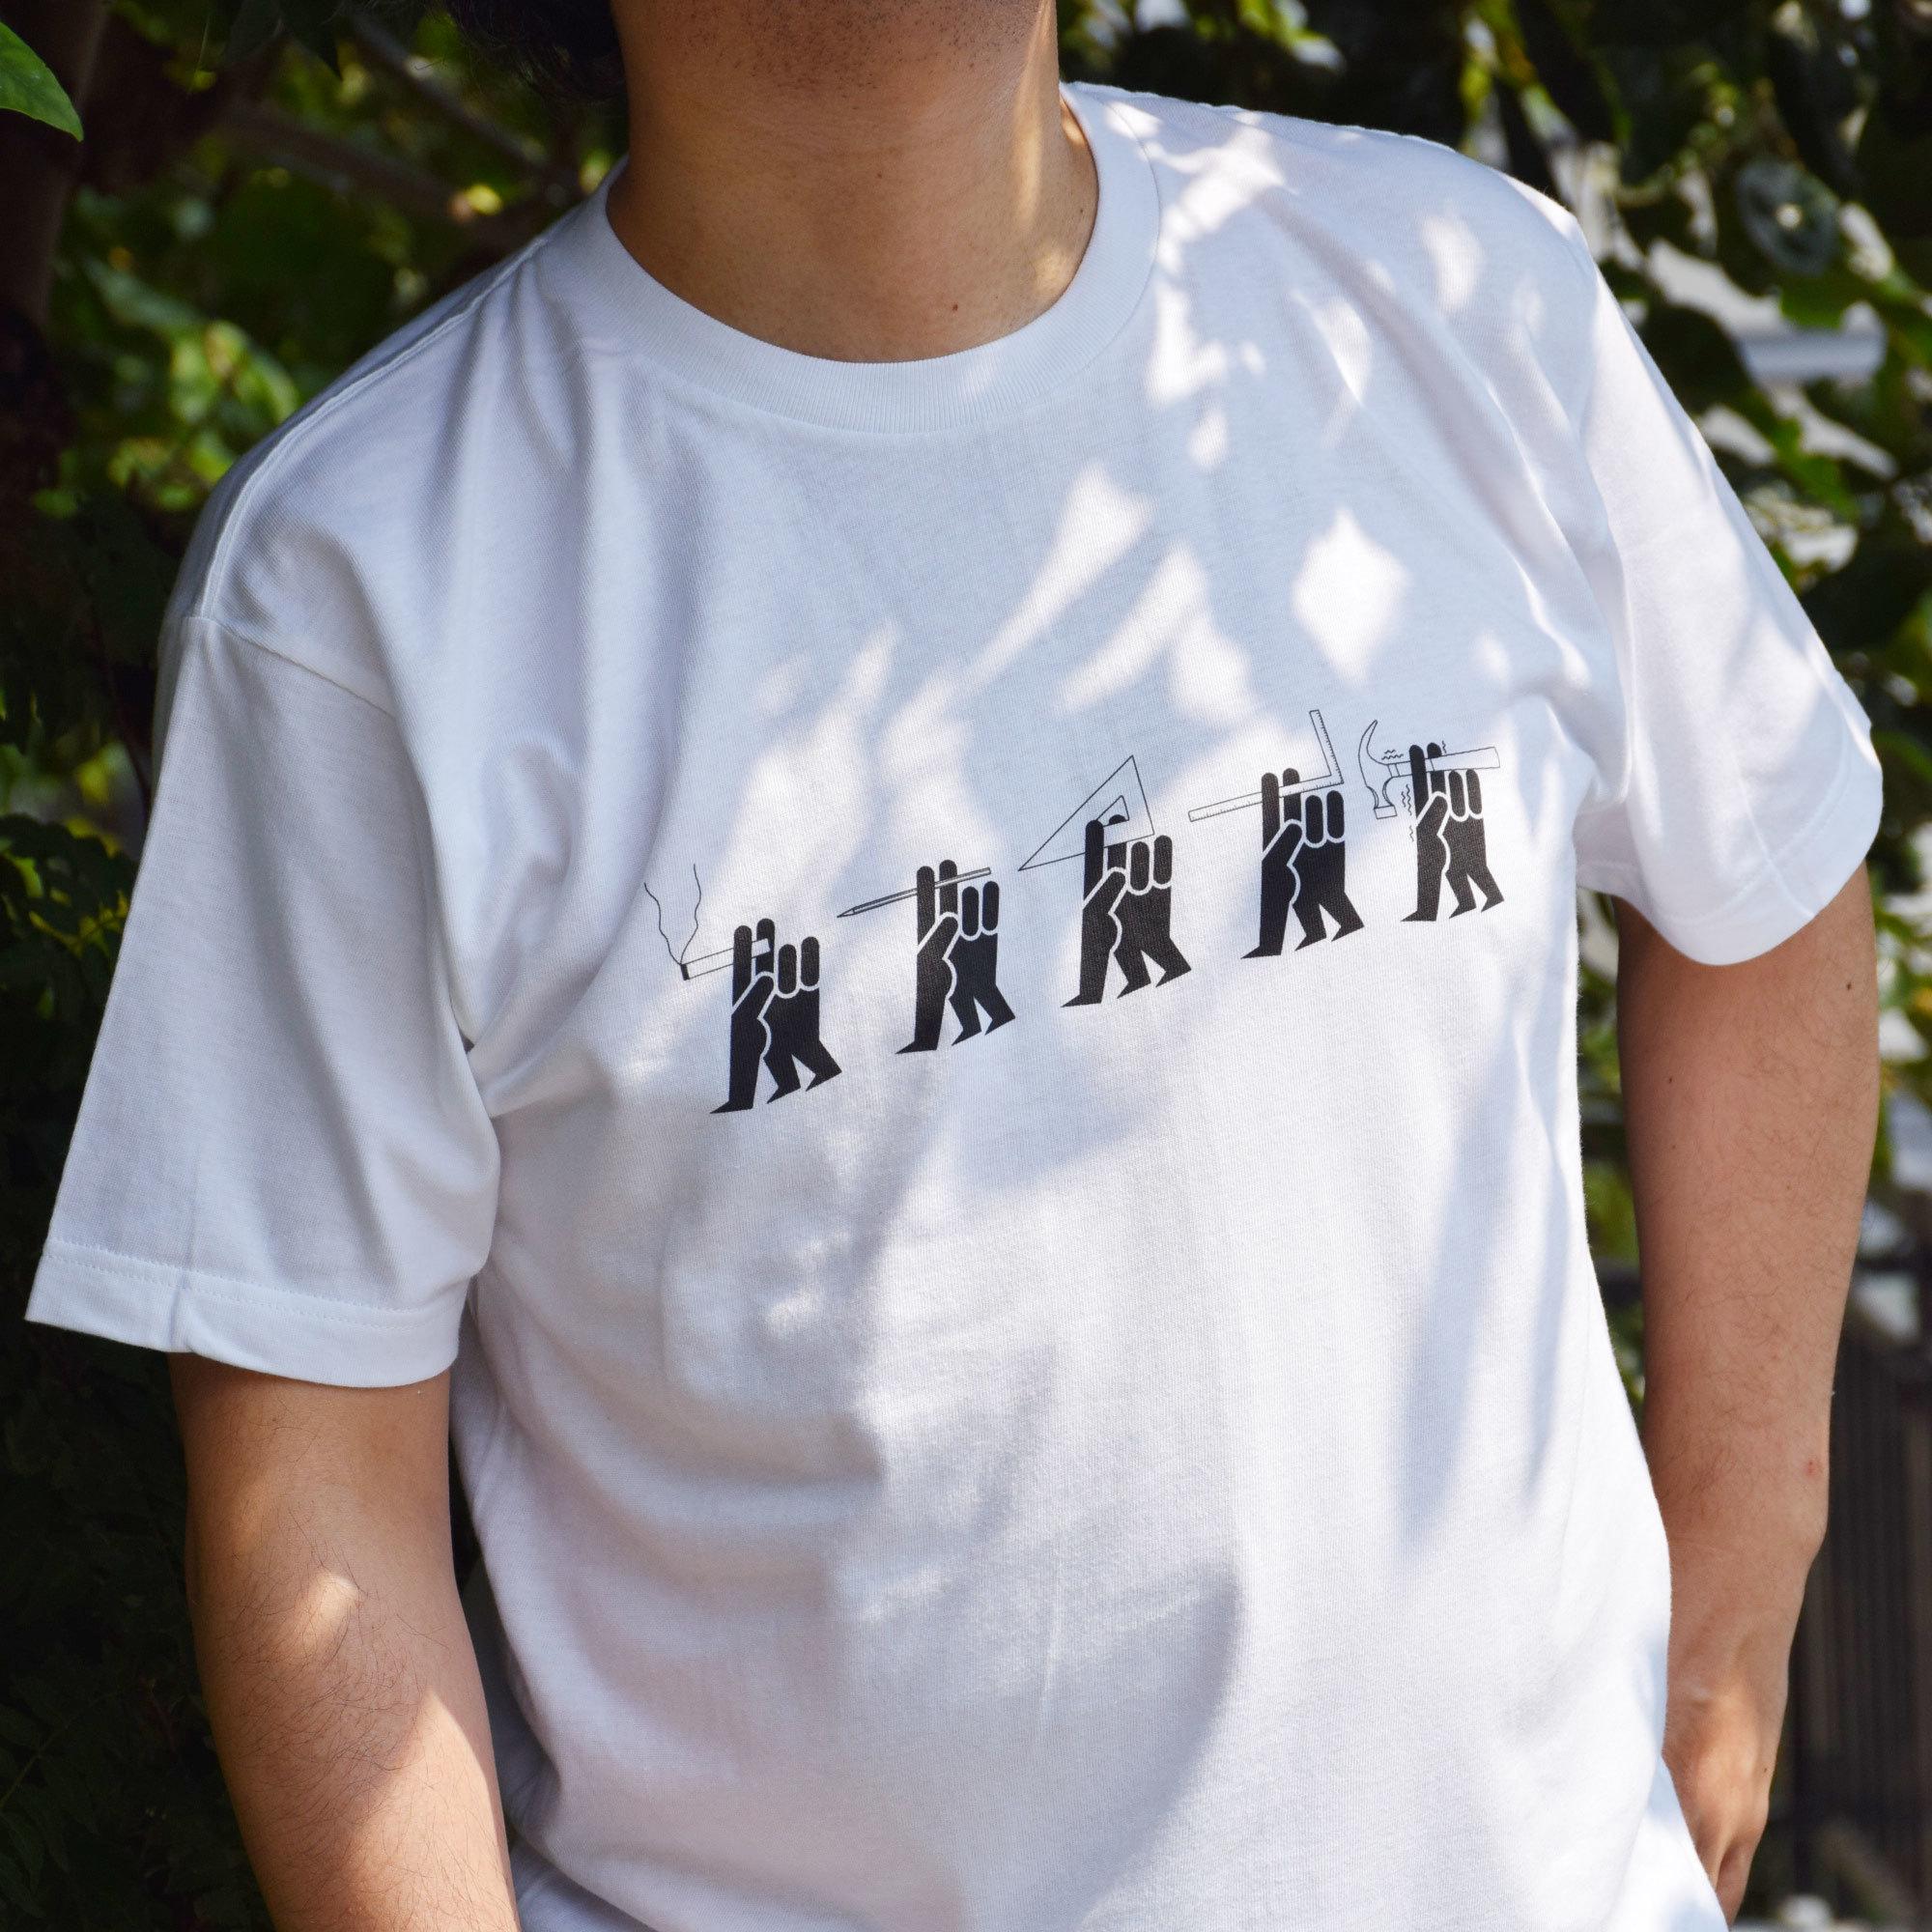 現場へGO! Tシャツ - 【Lady's】